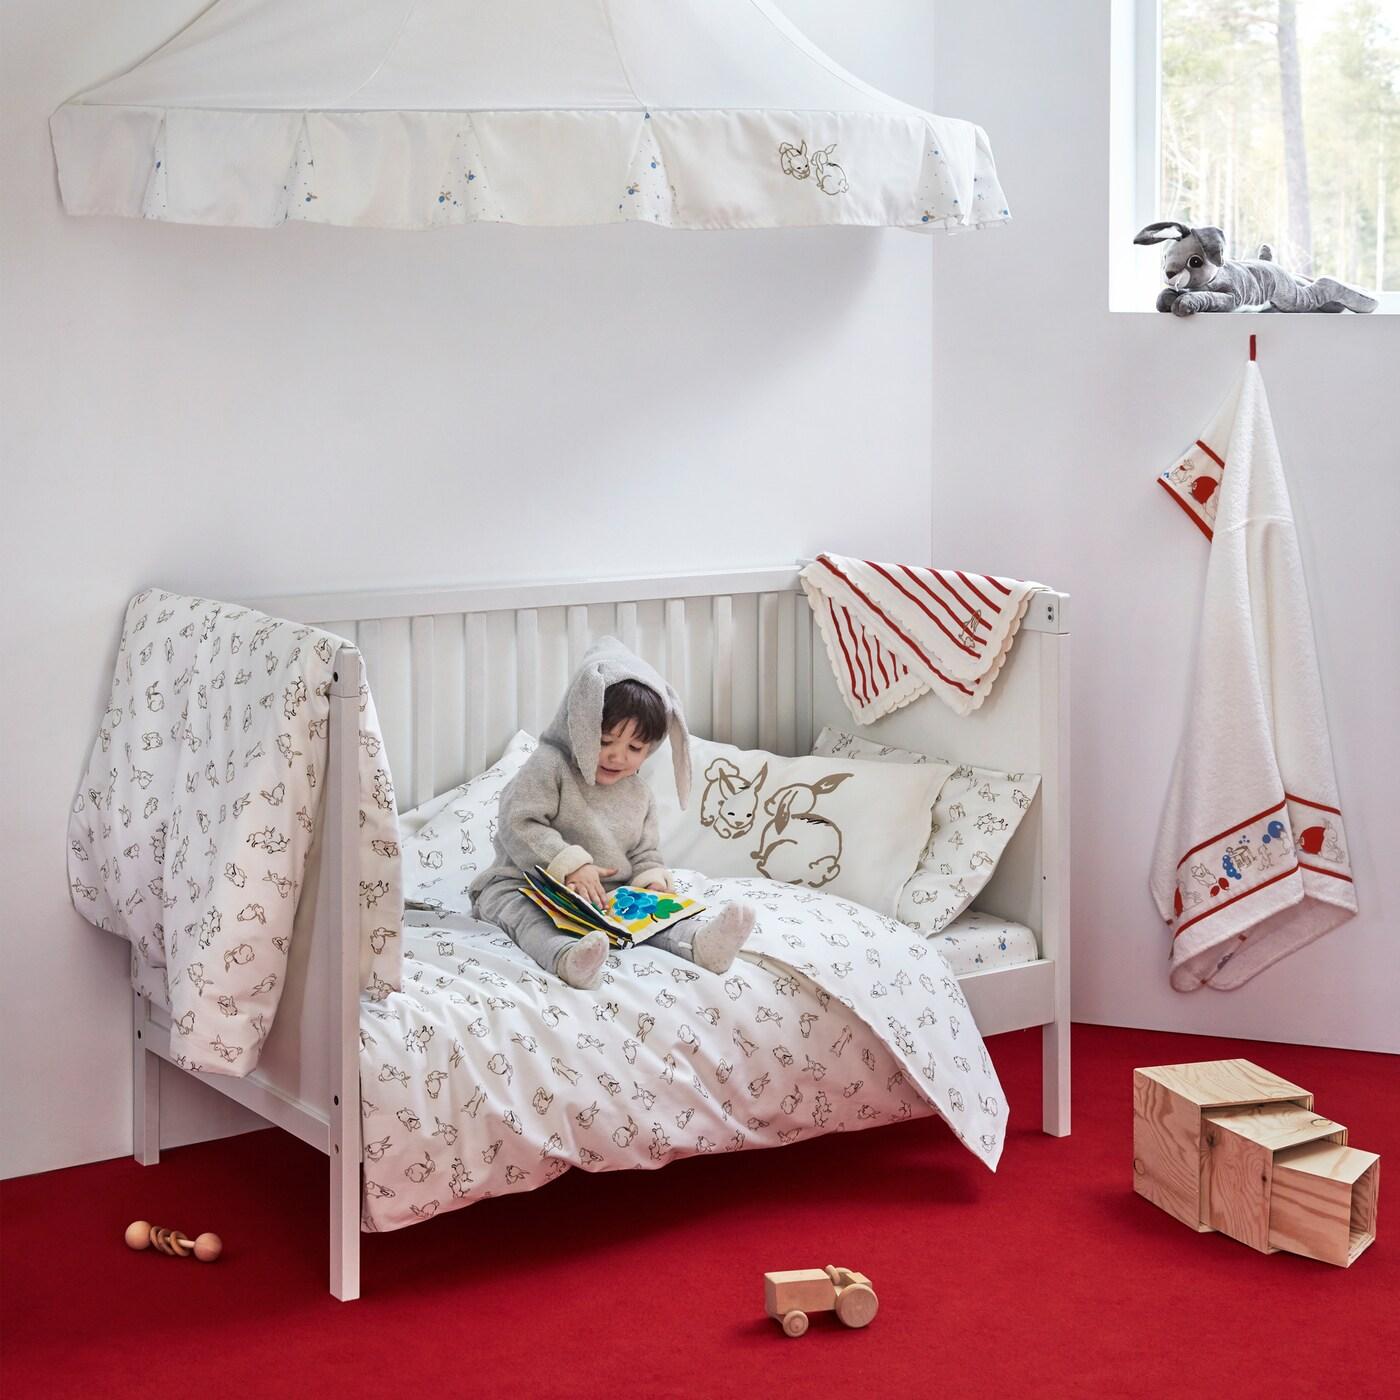 Kolekce dětského textilu RÖDHAKE s přátelským vzorem, postýlka, baldachýn a hračky